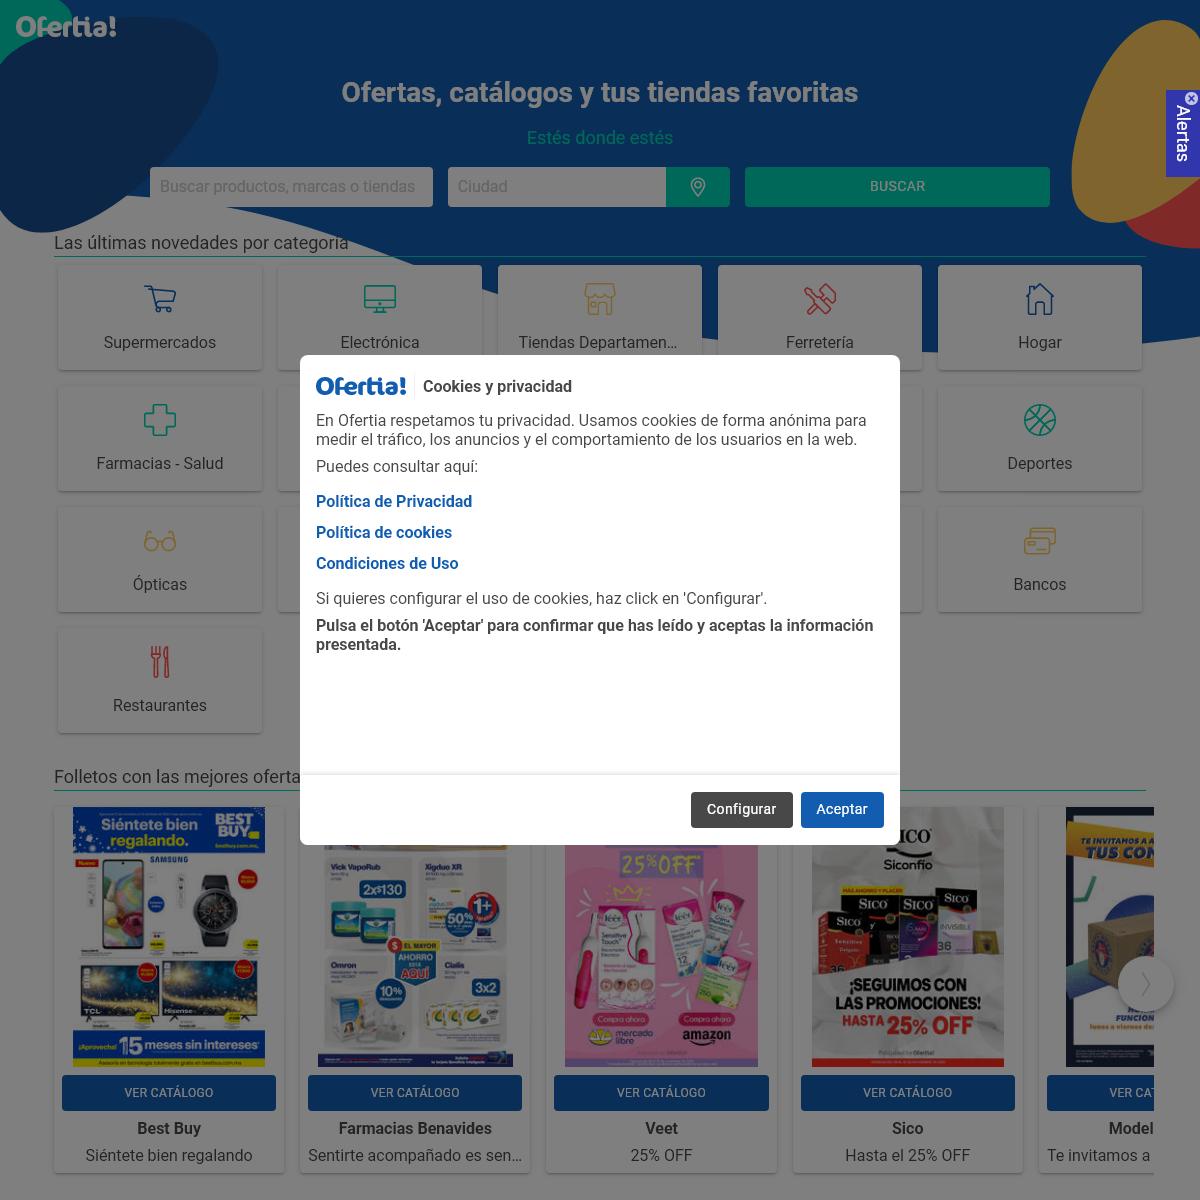 Ofertas, catálogos online y tiendas - Shopping en Ofertia